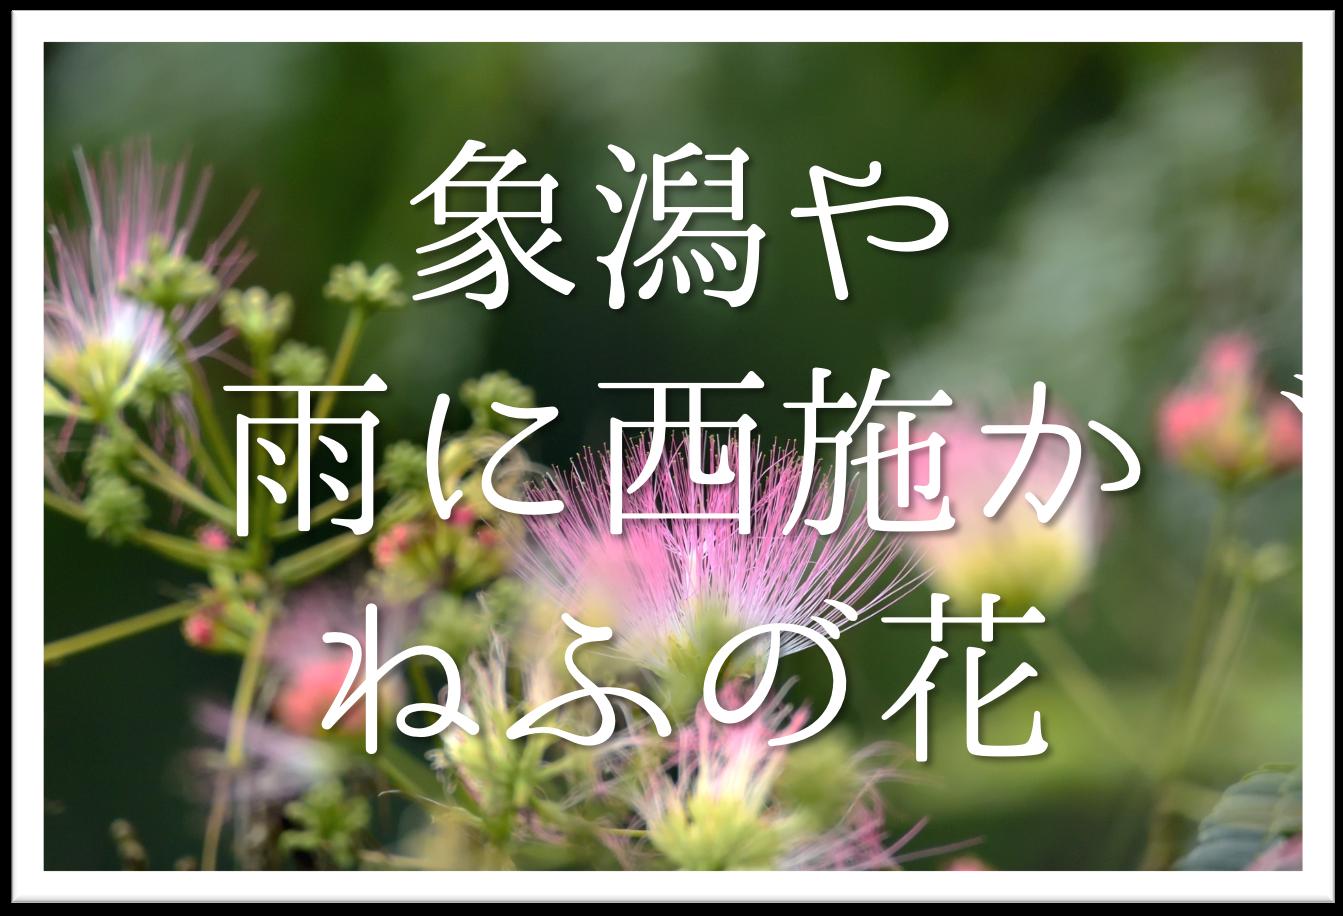 【象潟や雨に西施がねぶの花】俳句の季語や意味・表現技法・鑑賞・作者など徹底解説!!